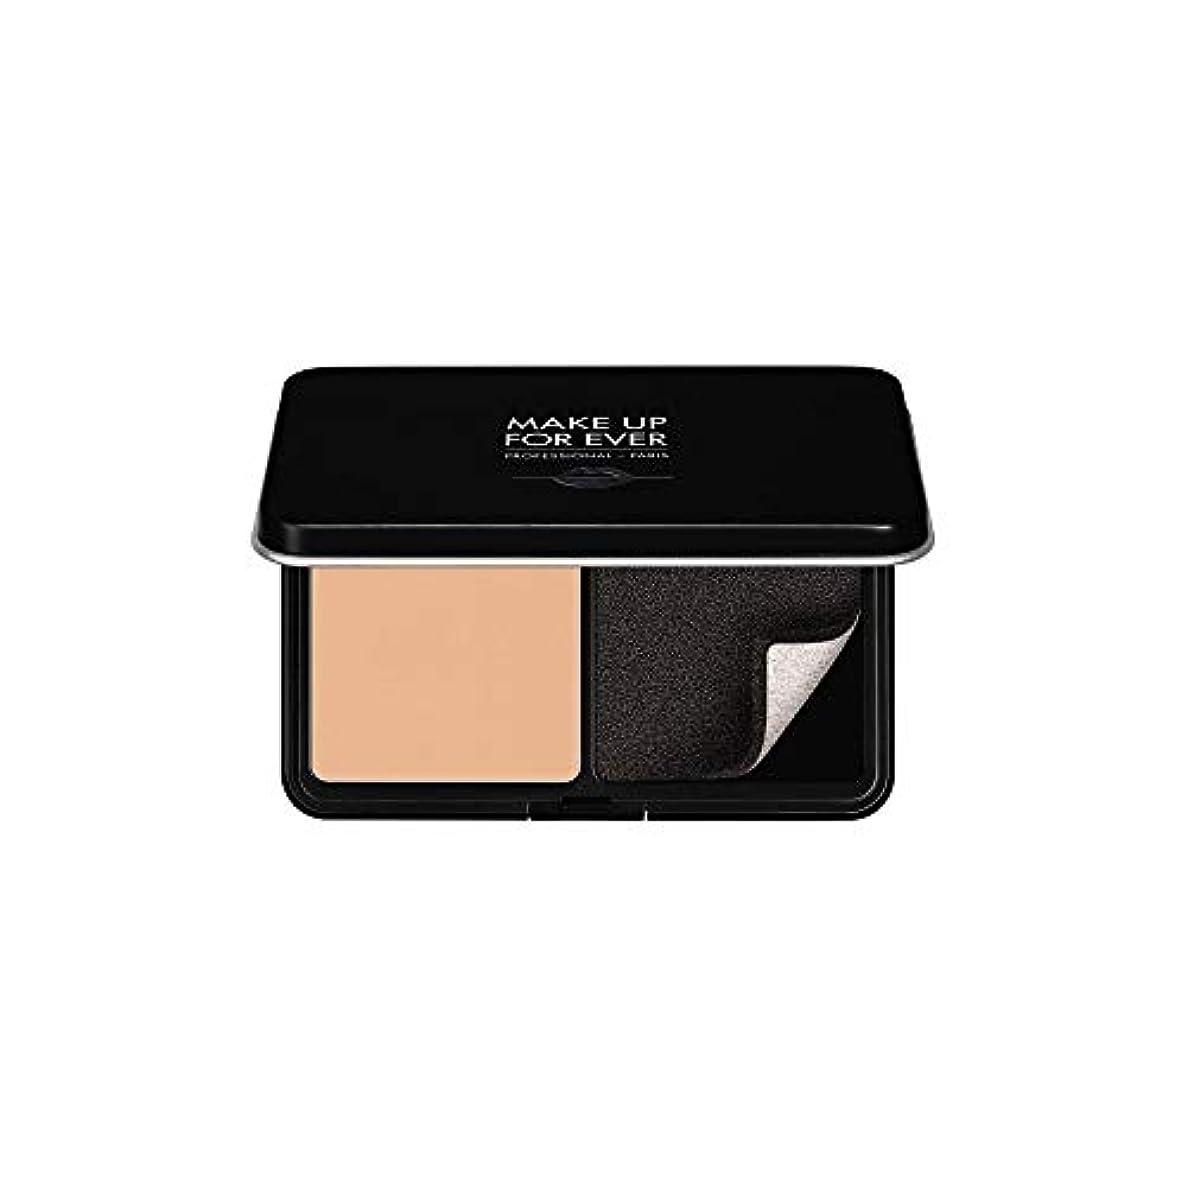 ゴシップ誓い副メイクアップフォーエバー Matte Velvet Skin Blurring Powder Foundation - # R230 (Ivory) 11g/0.38oz並行輸入品